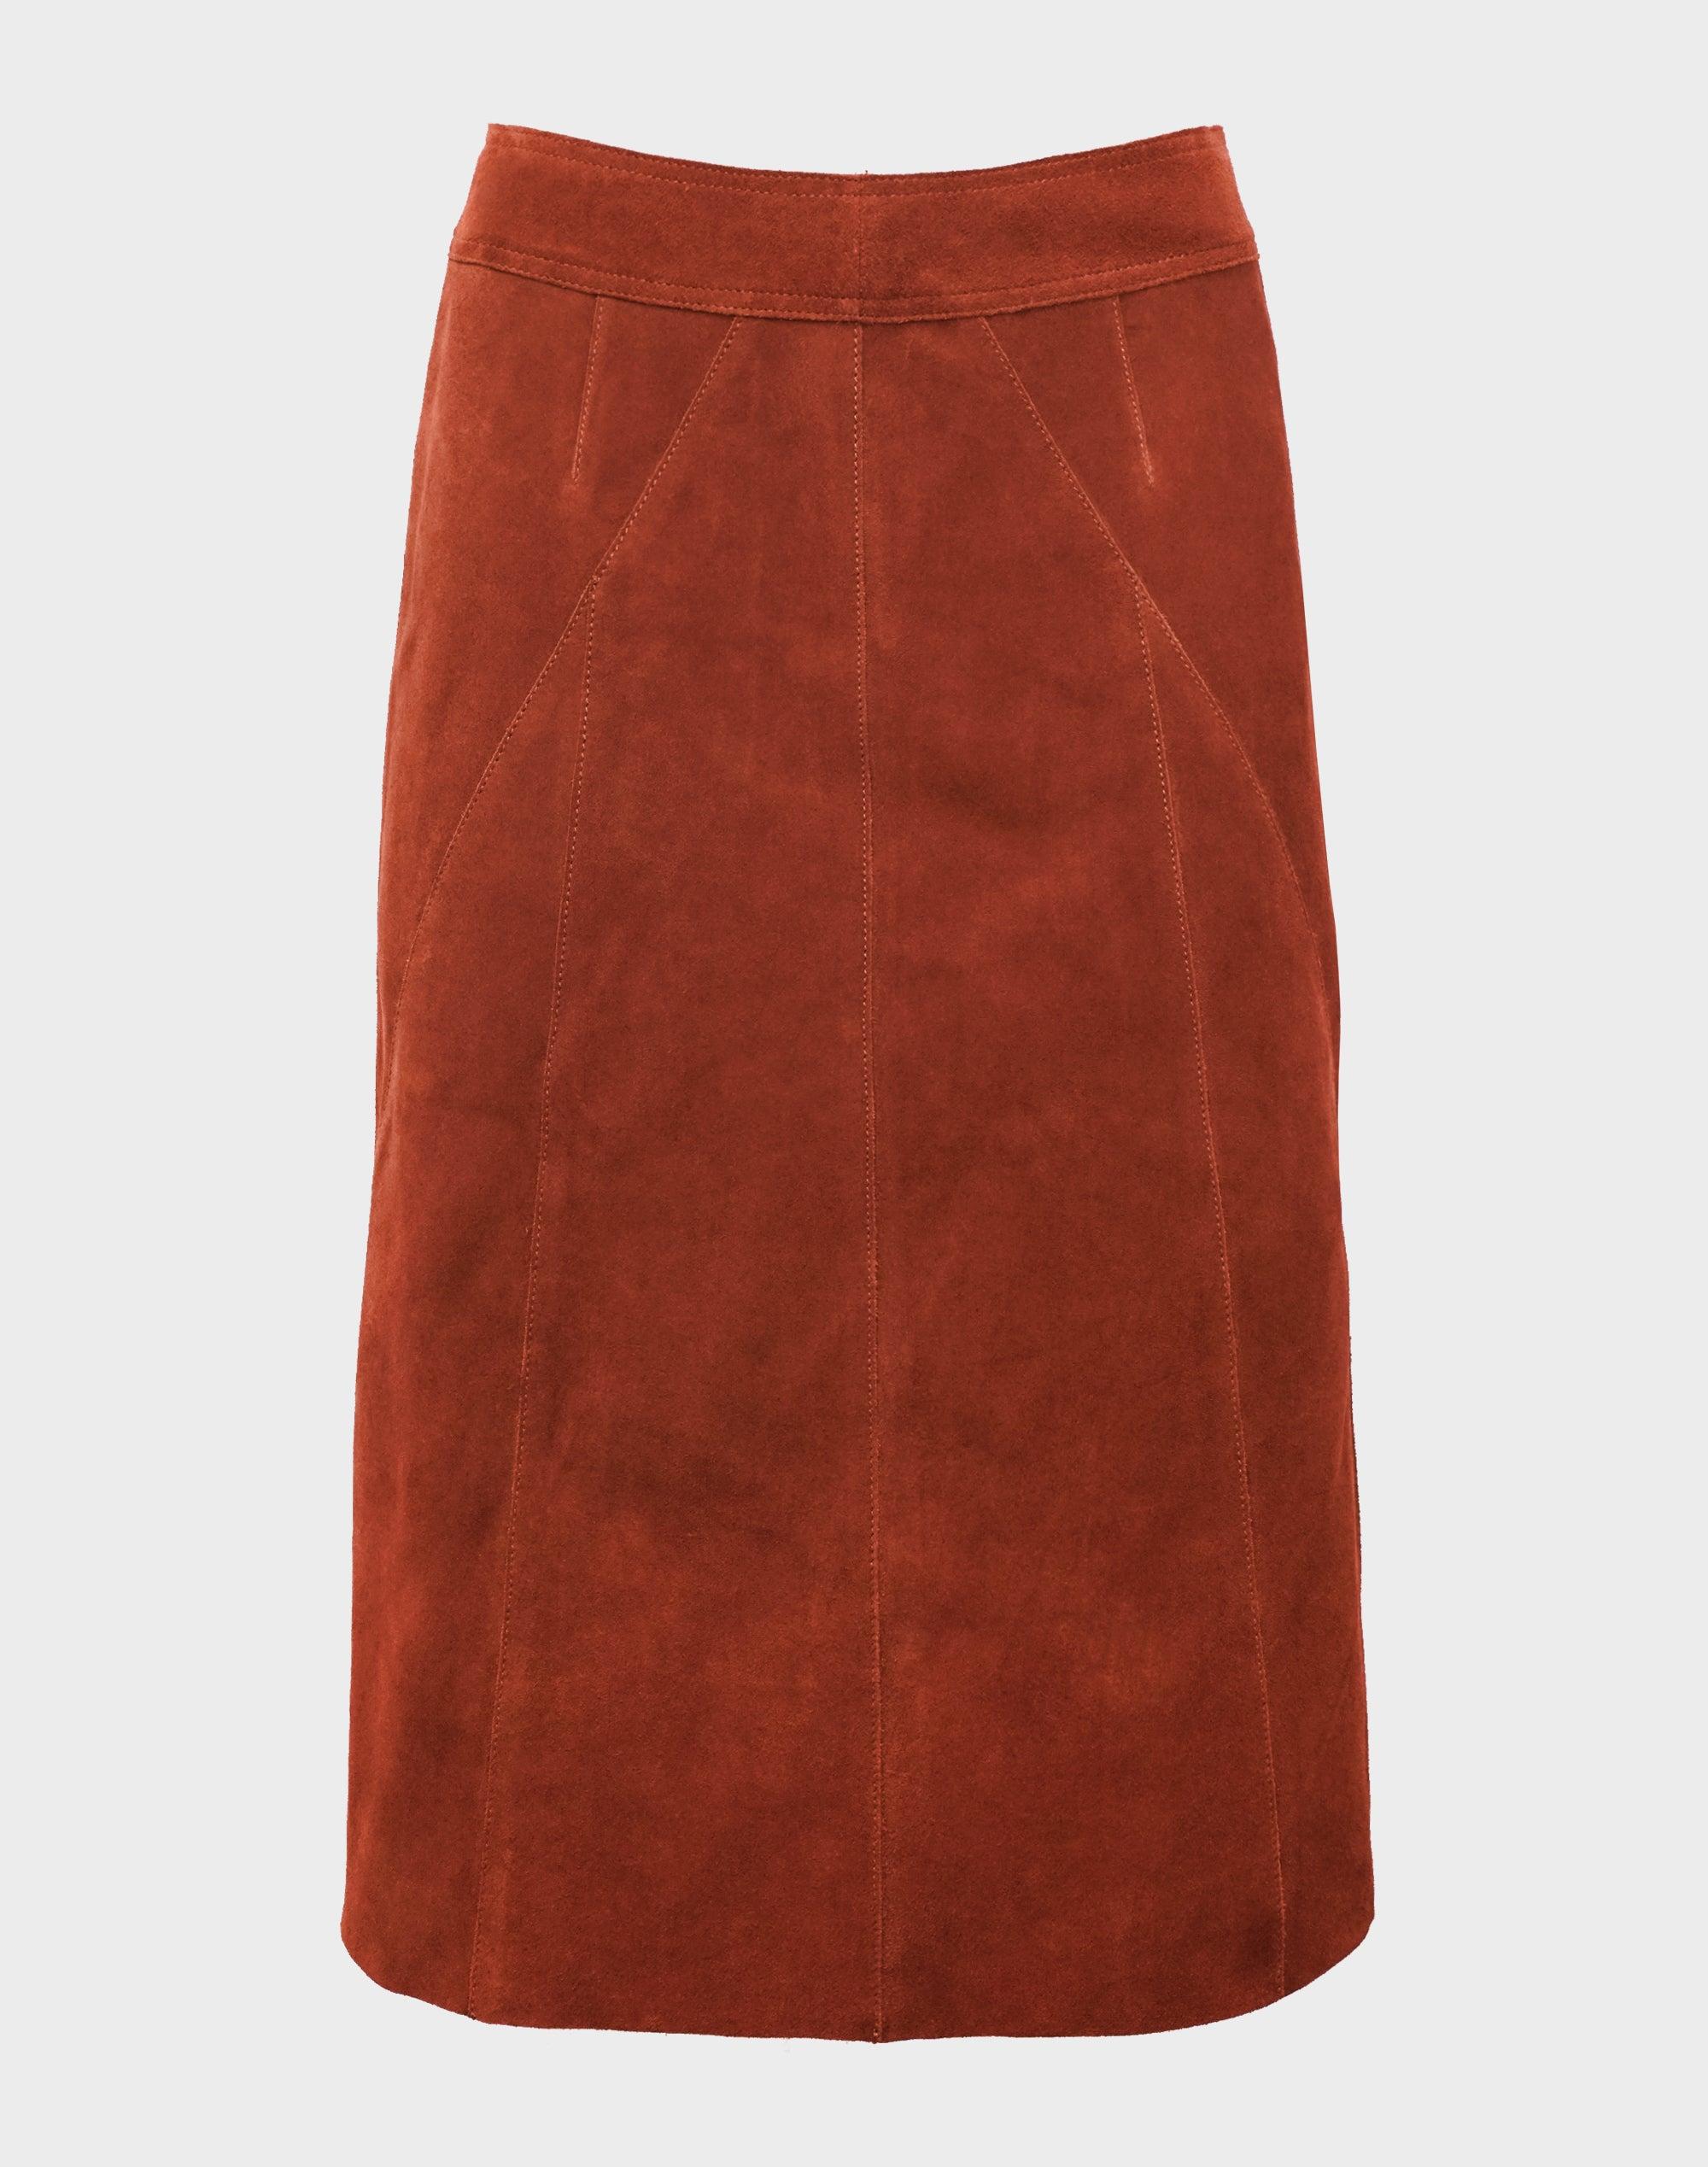 Kravitz Suede Skirt